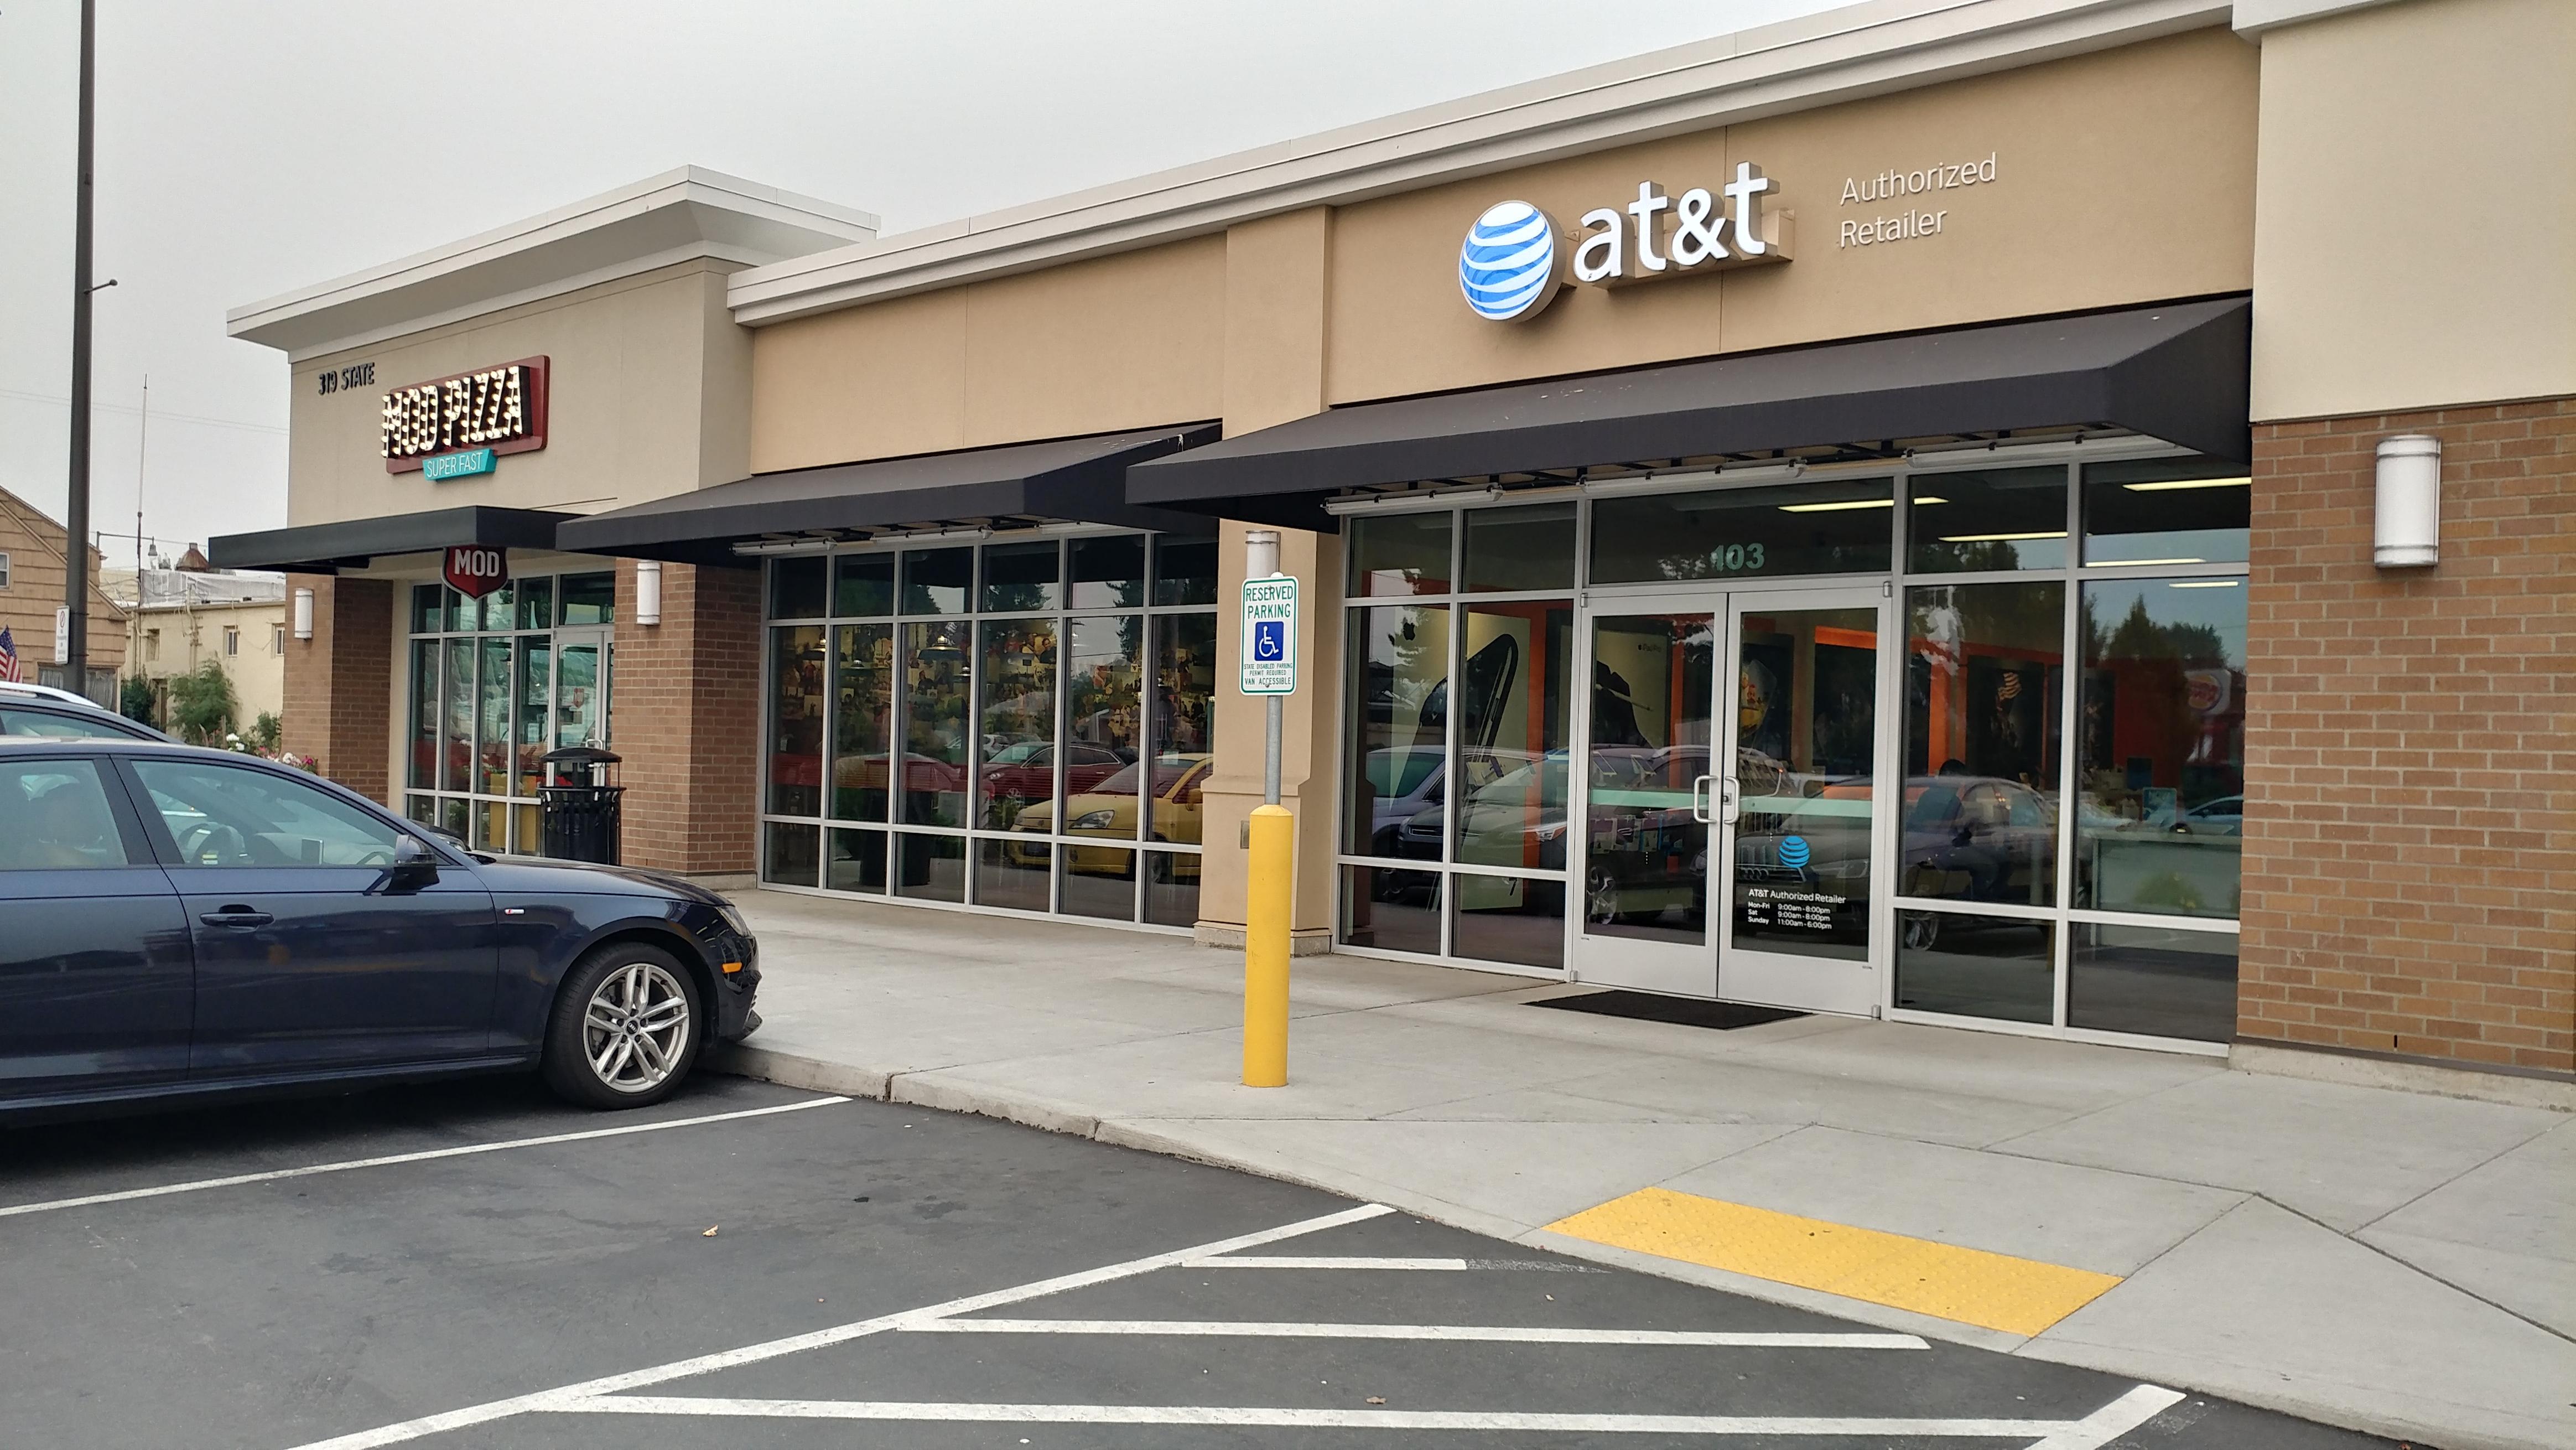 AT&T image 11